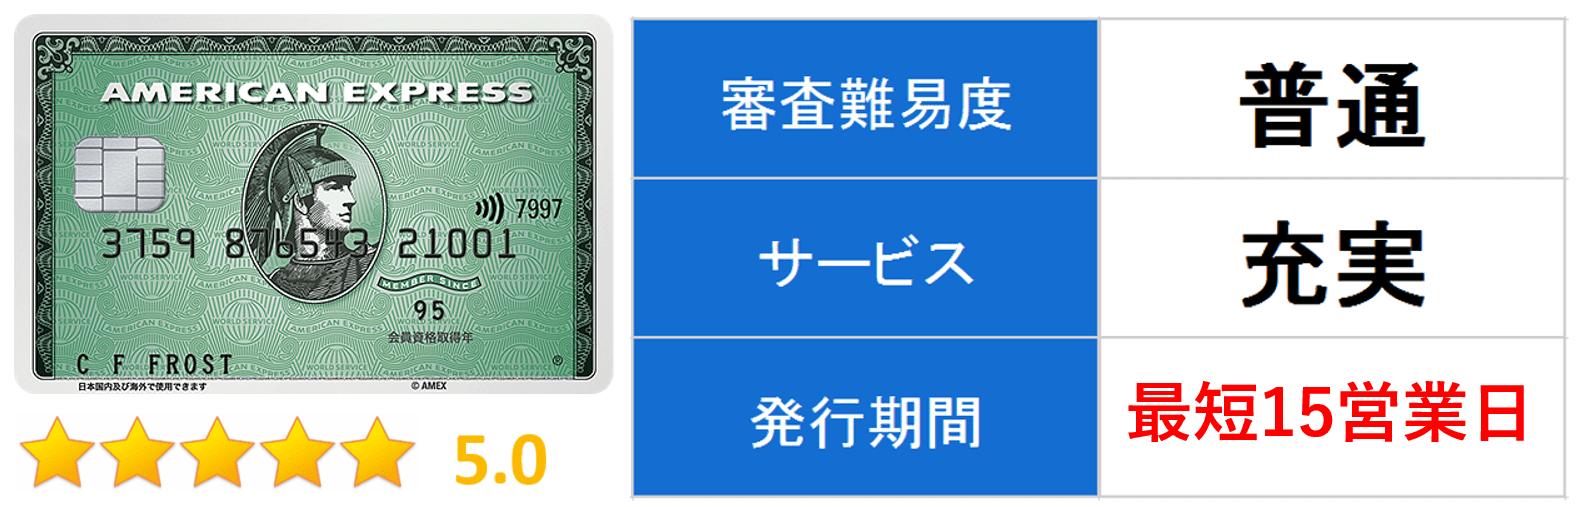 アメリカンエキスプレスカード メイン